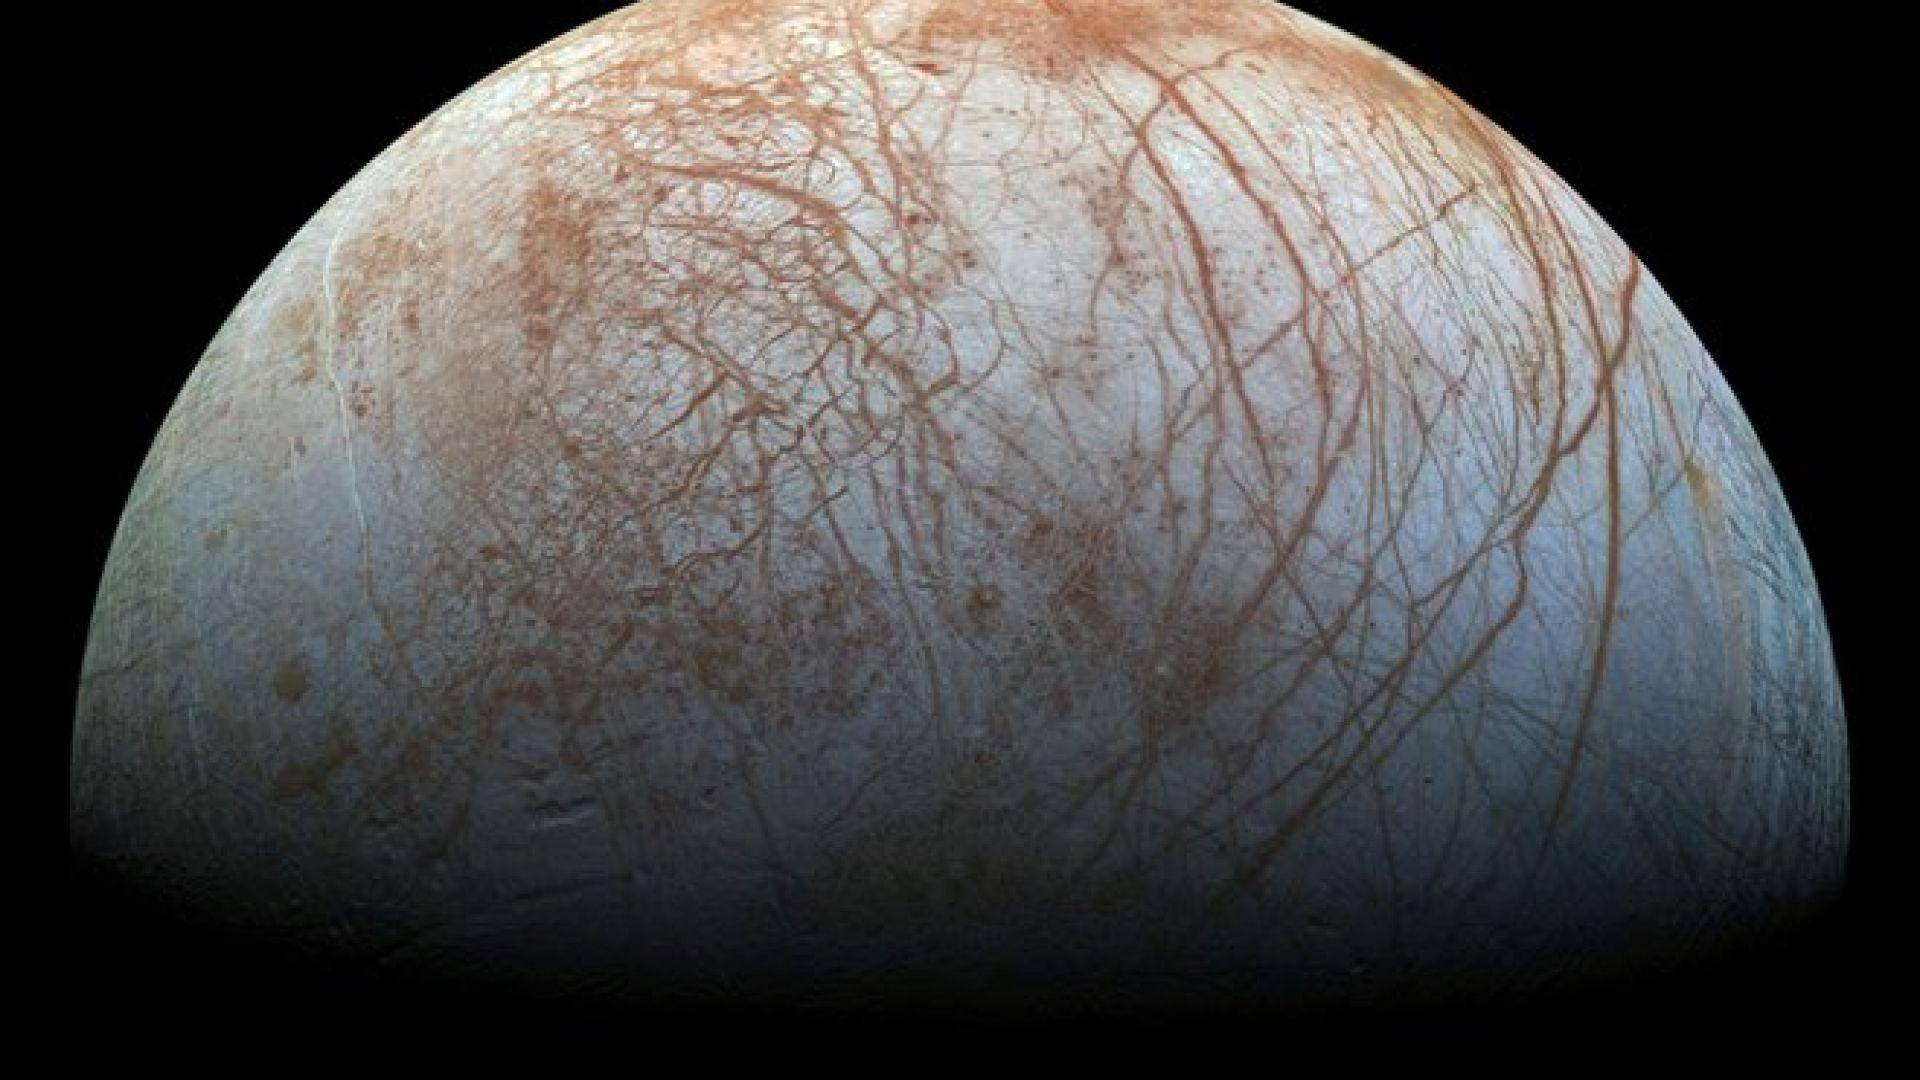 Луната Европа на Юпитер изглежда изпуска водни струи